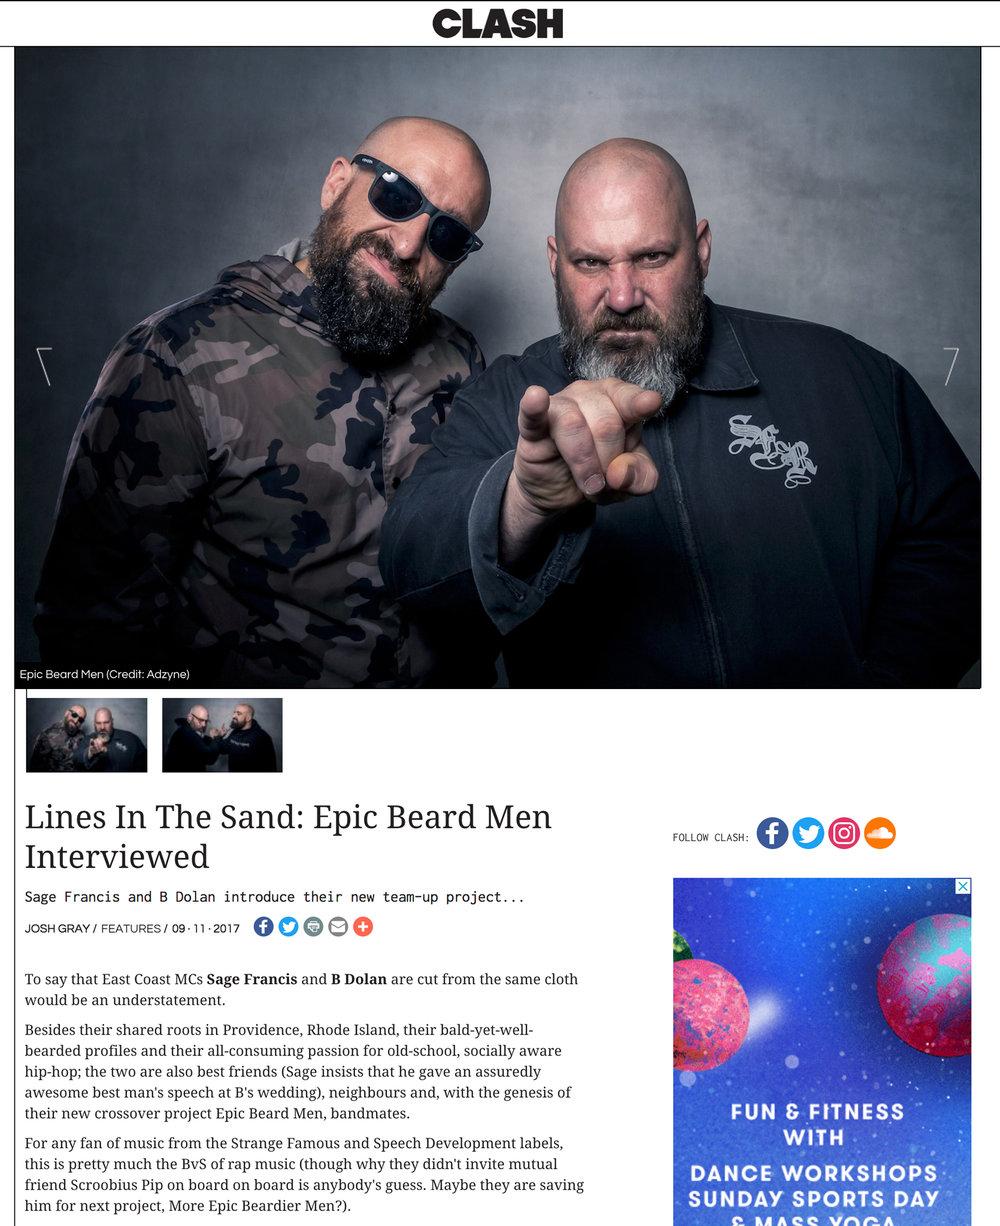 Epipc Beard Men Clash article.jpg